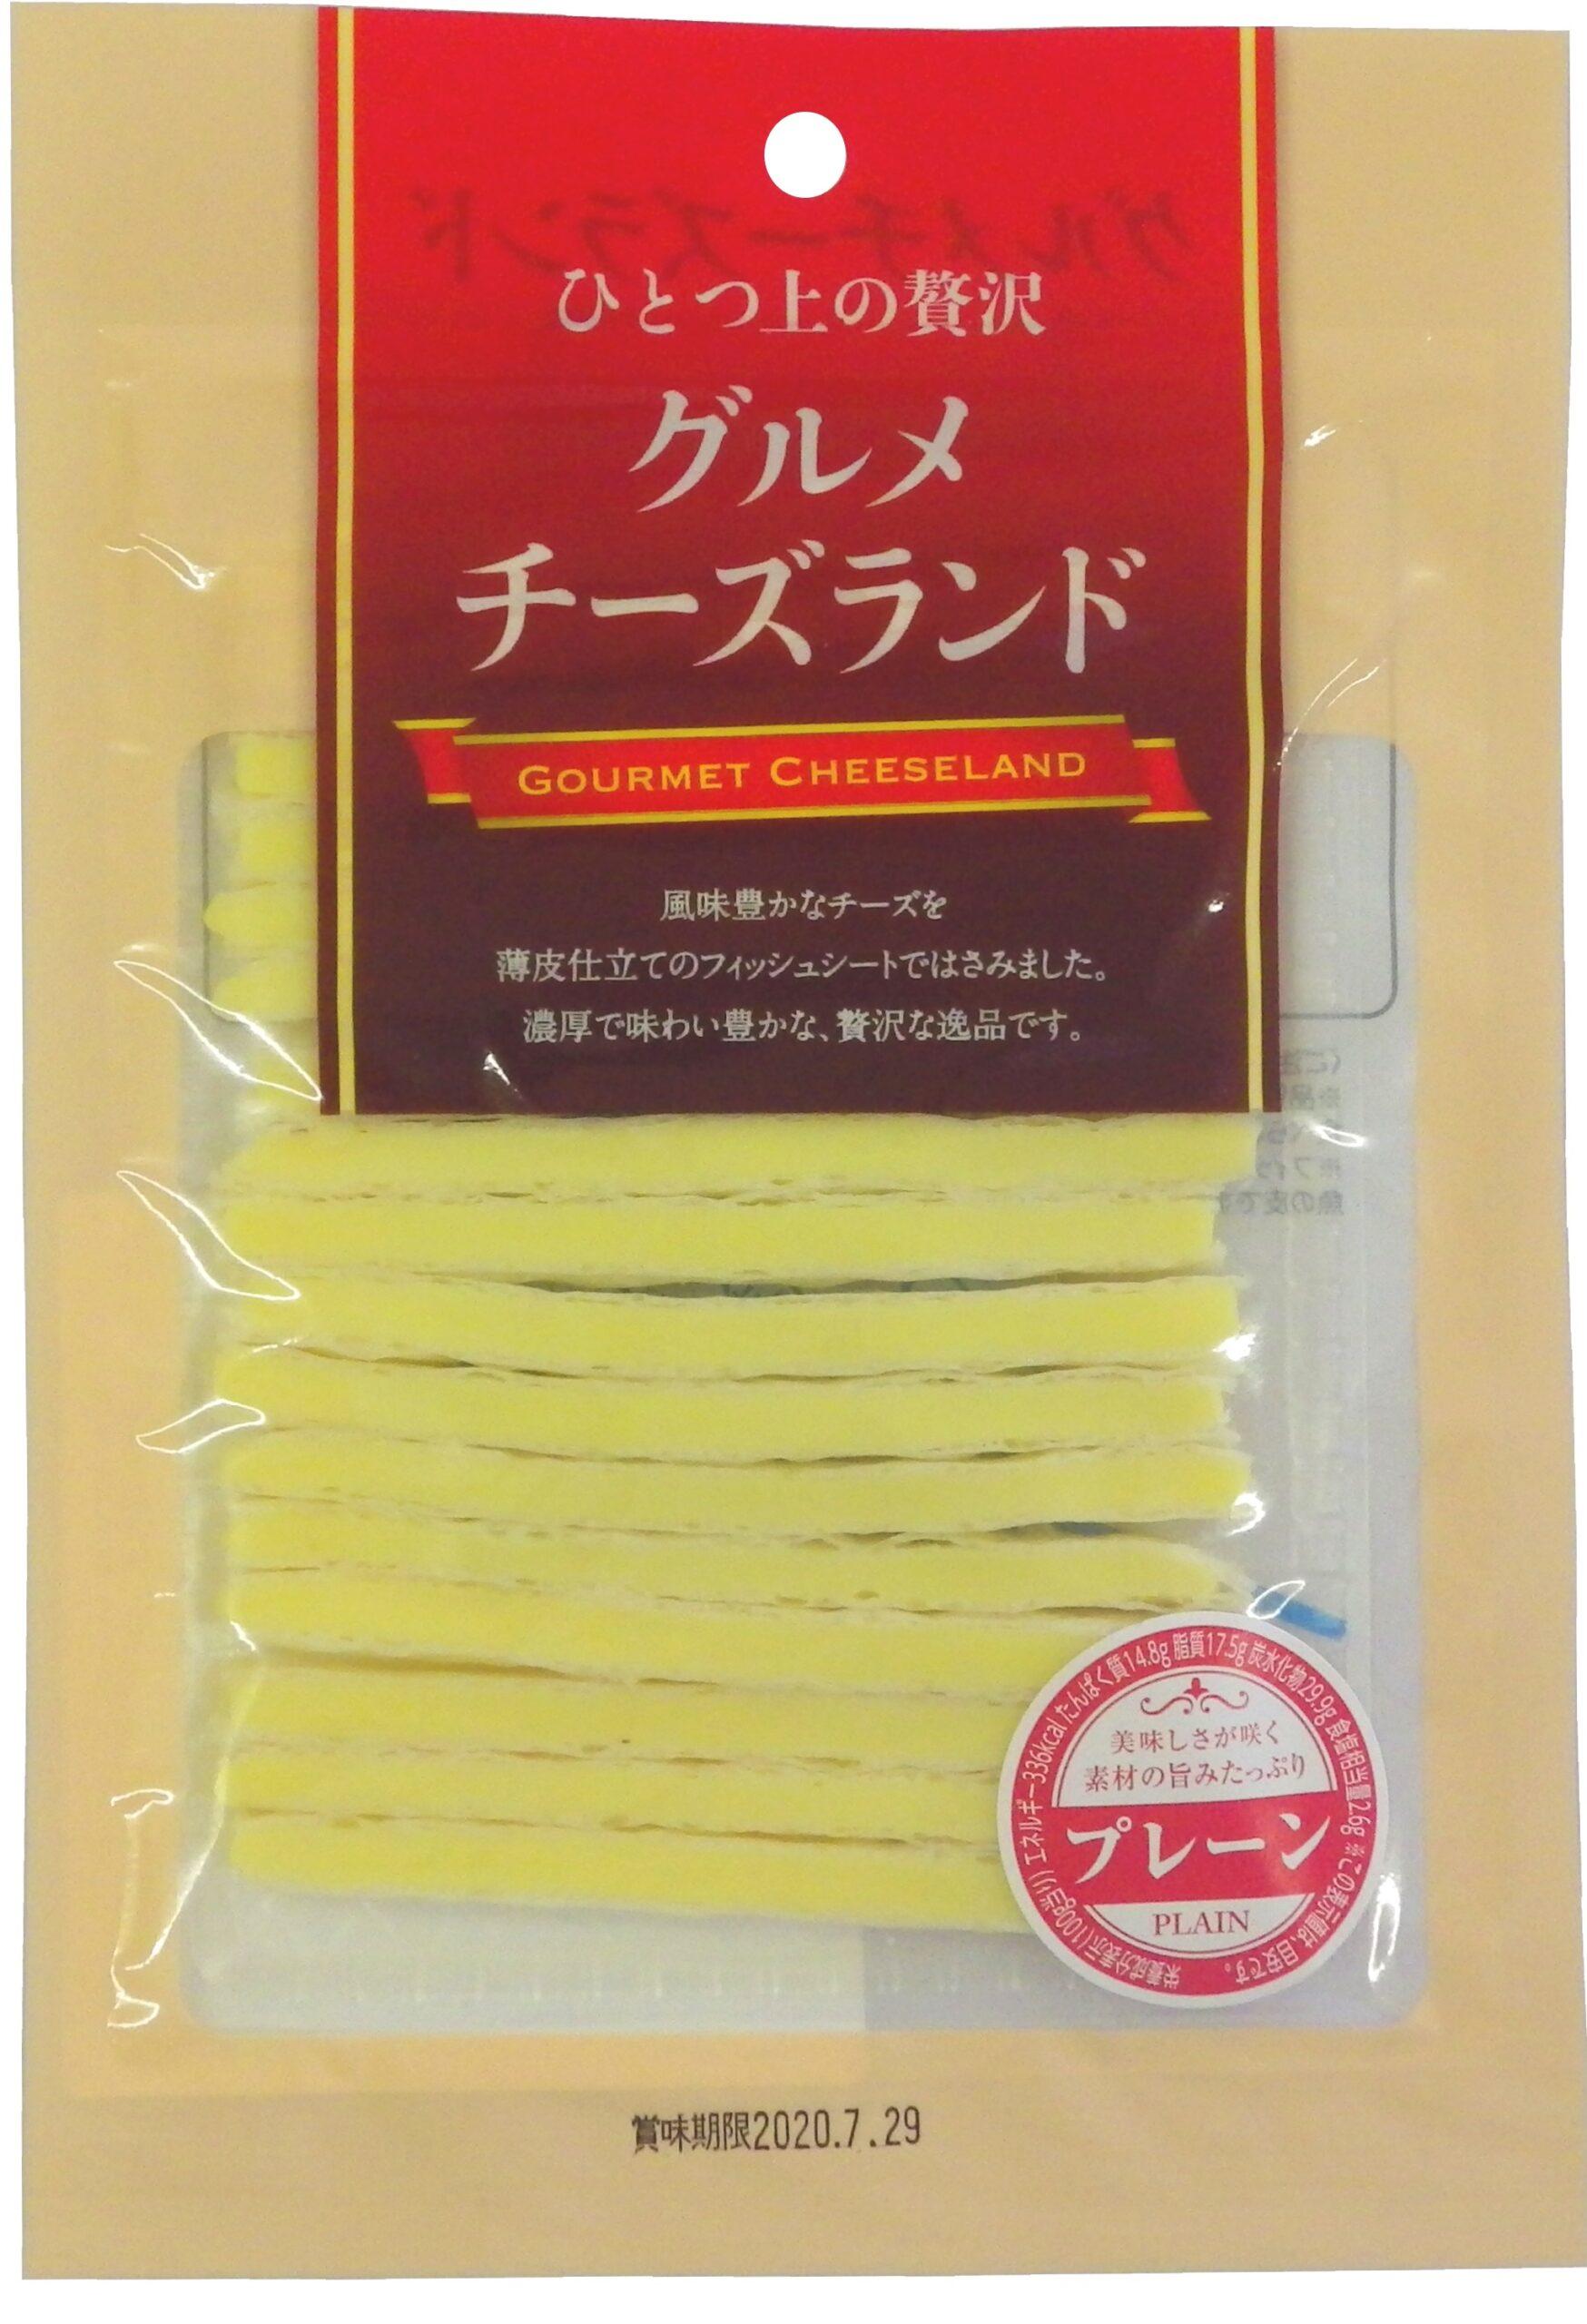 グルメチーズサンド